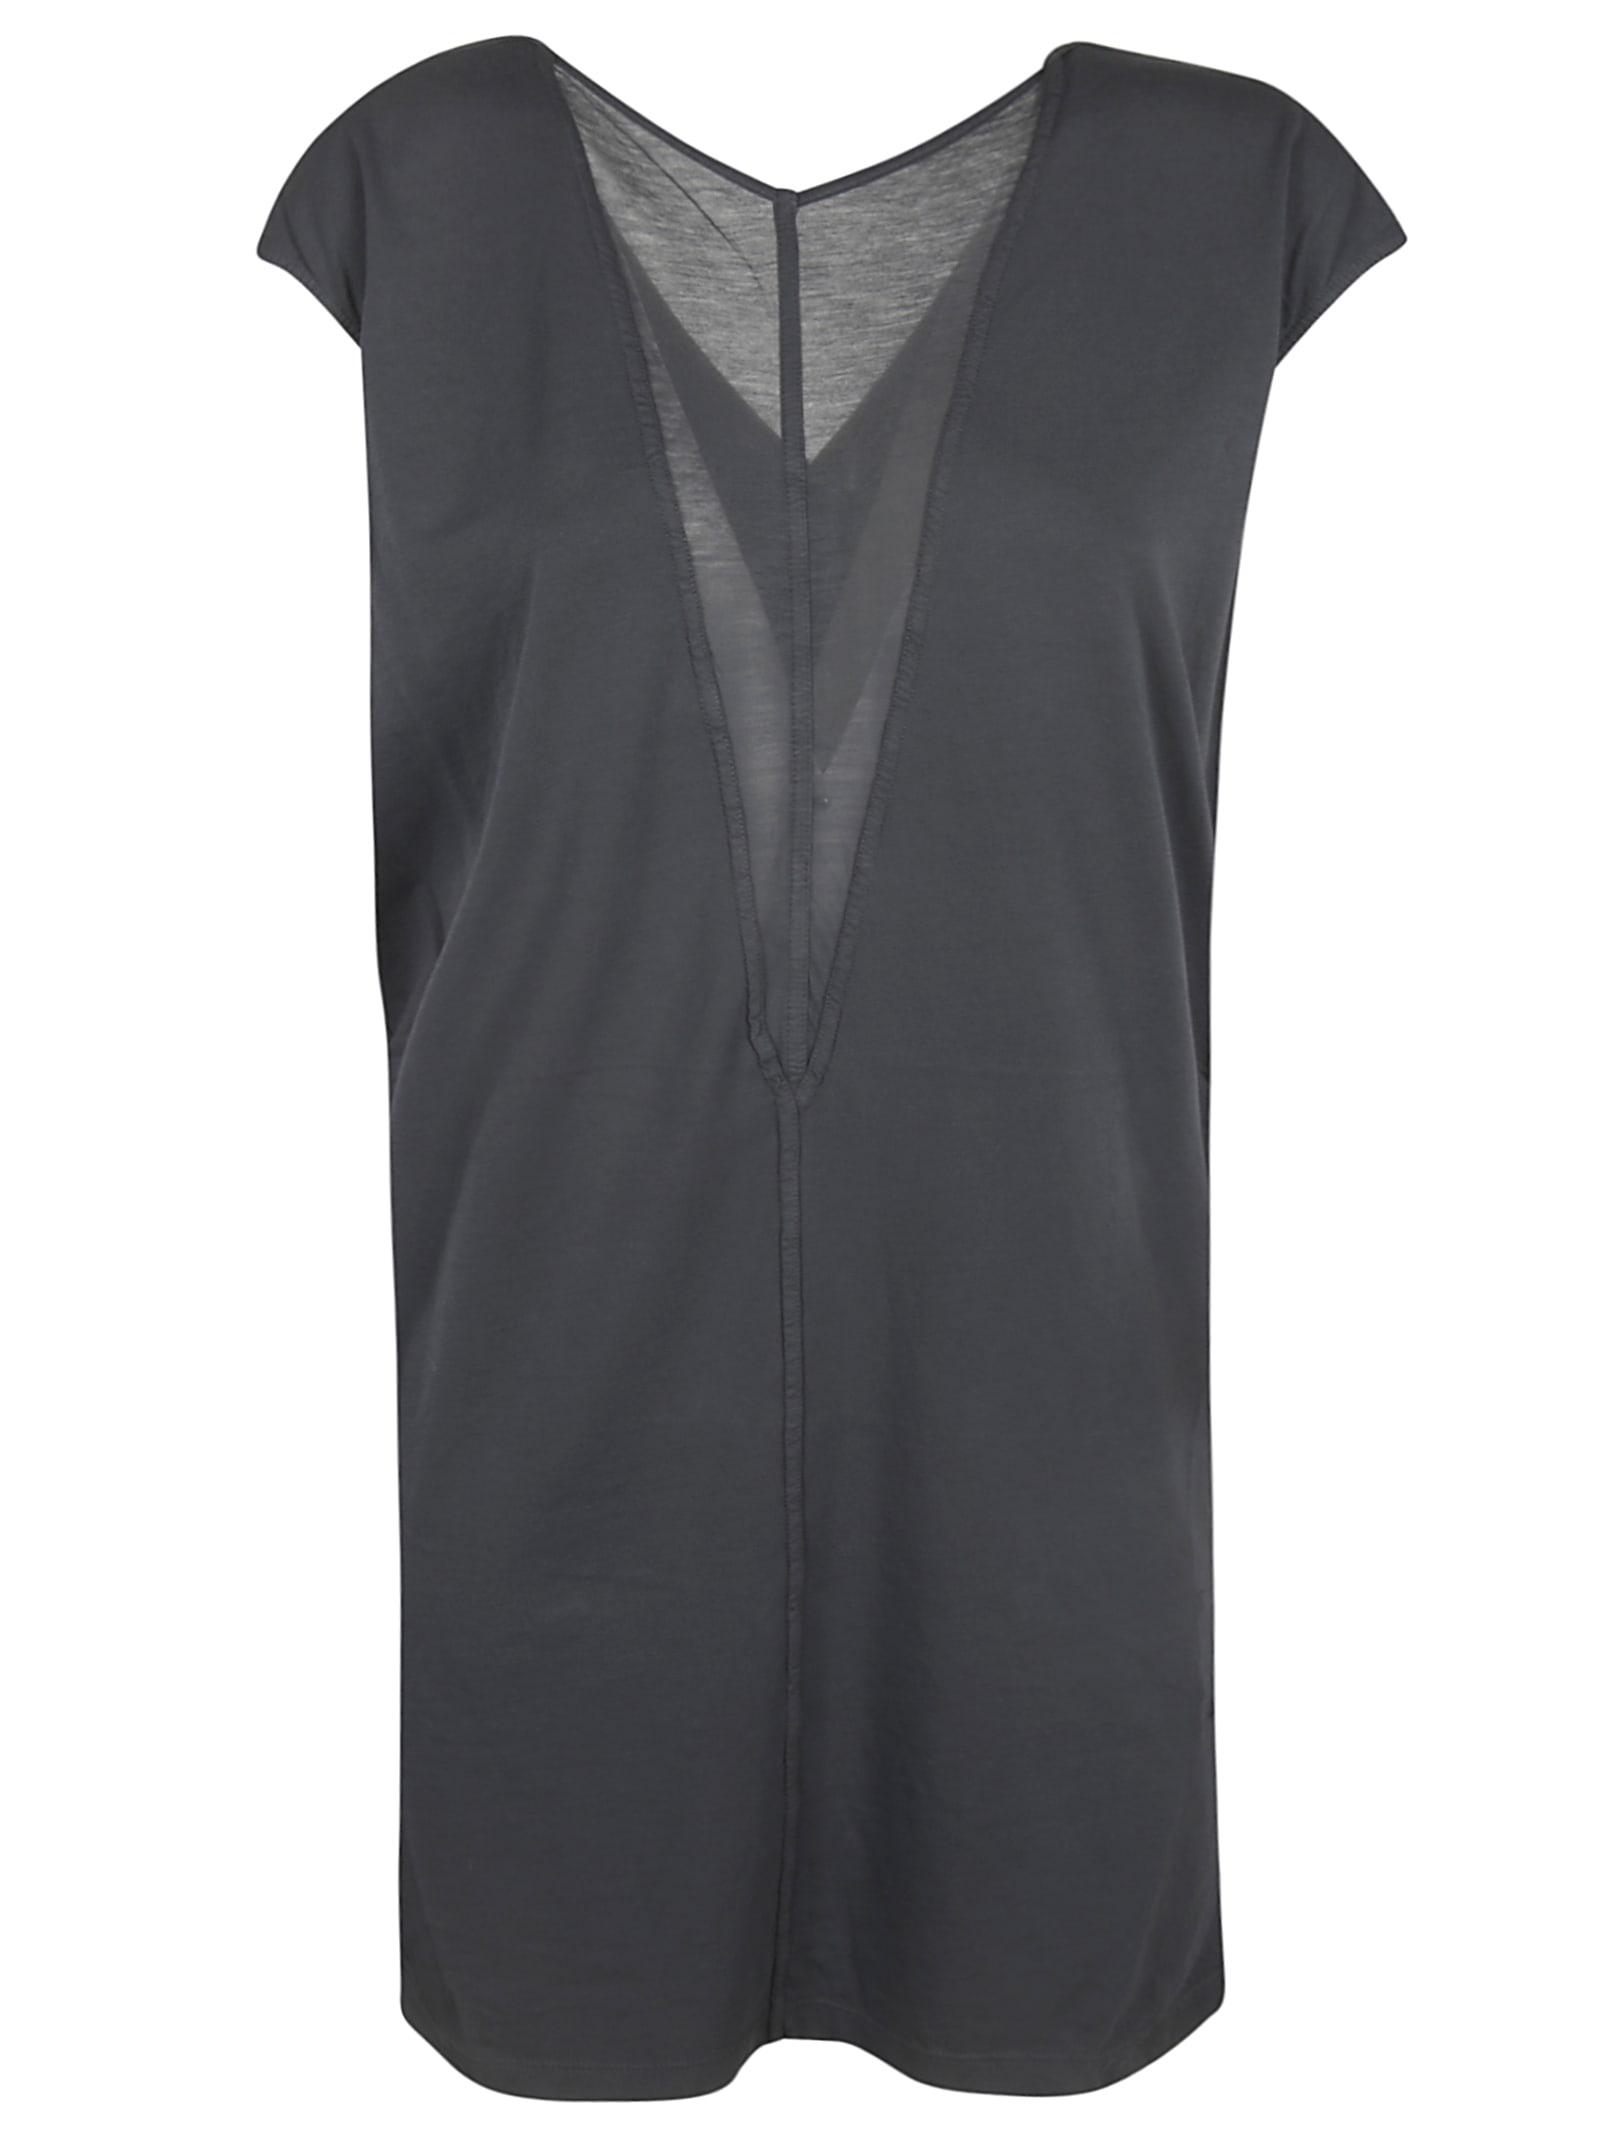 DRKSHDW Sleeveless V-neck Dress